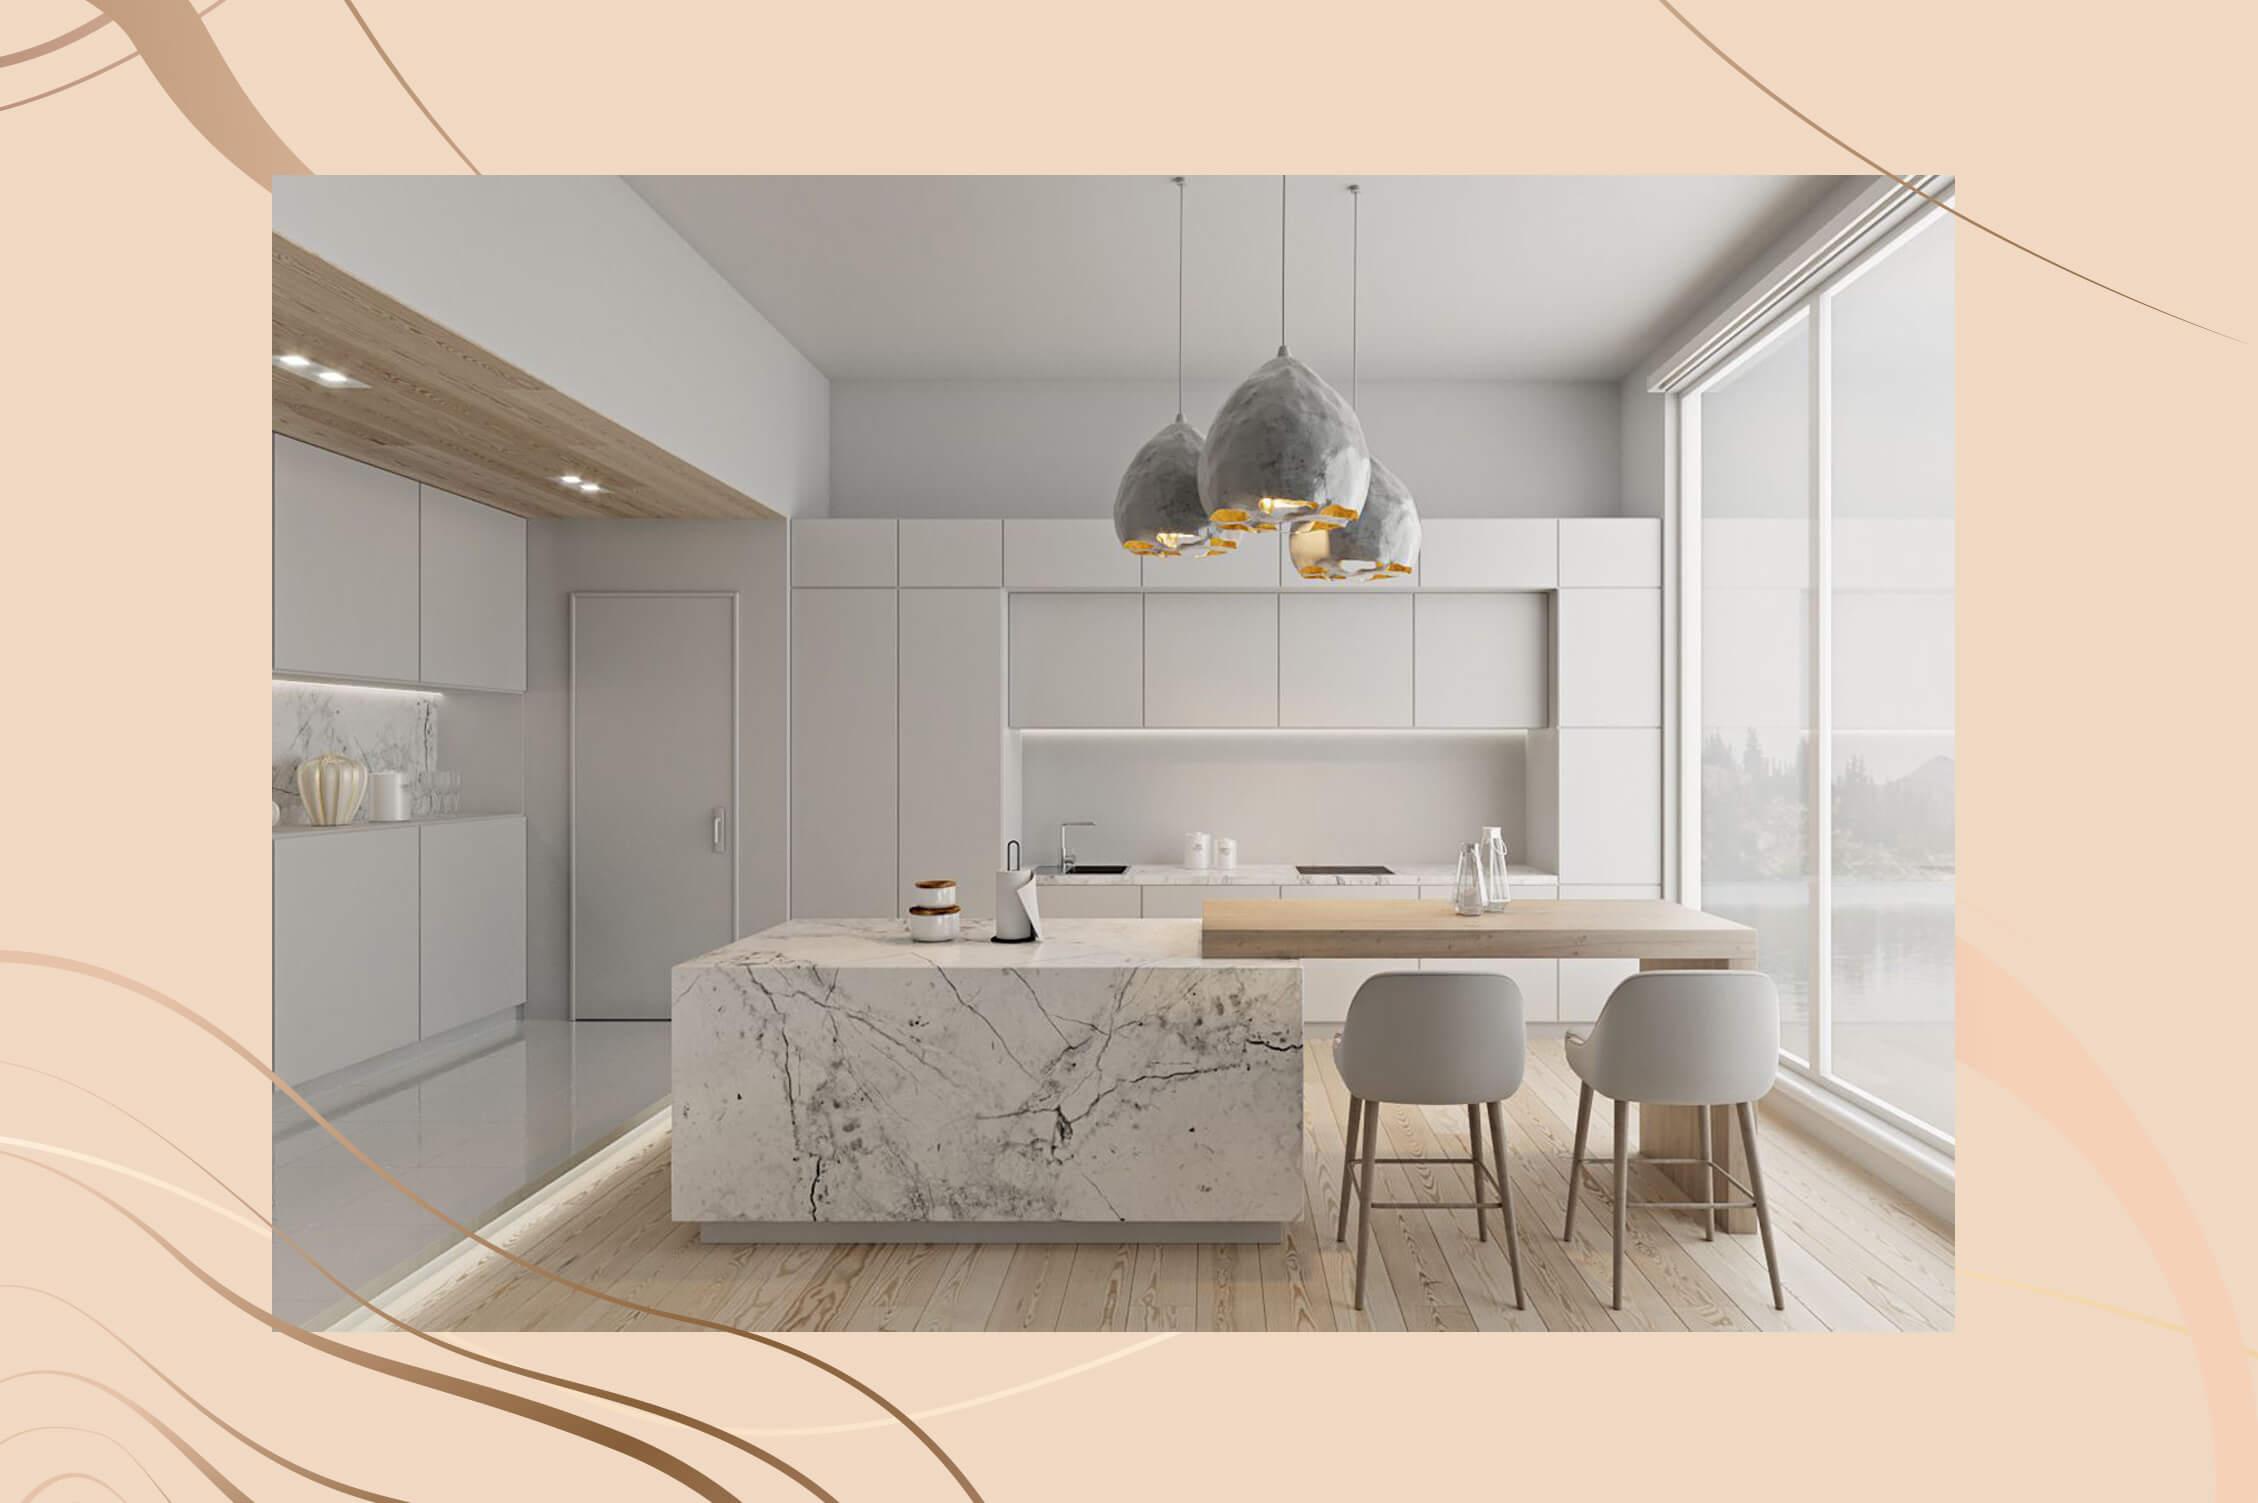 آشپزخانه خانه های کوچک